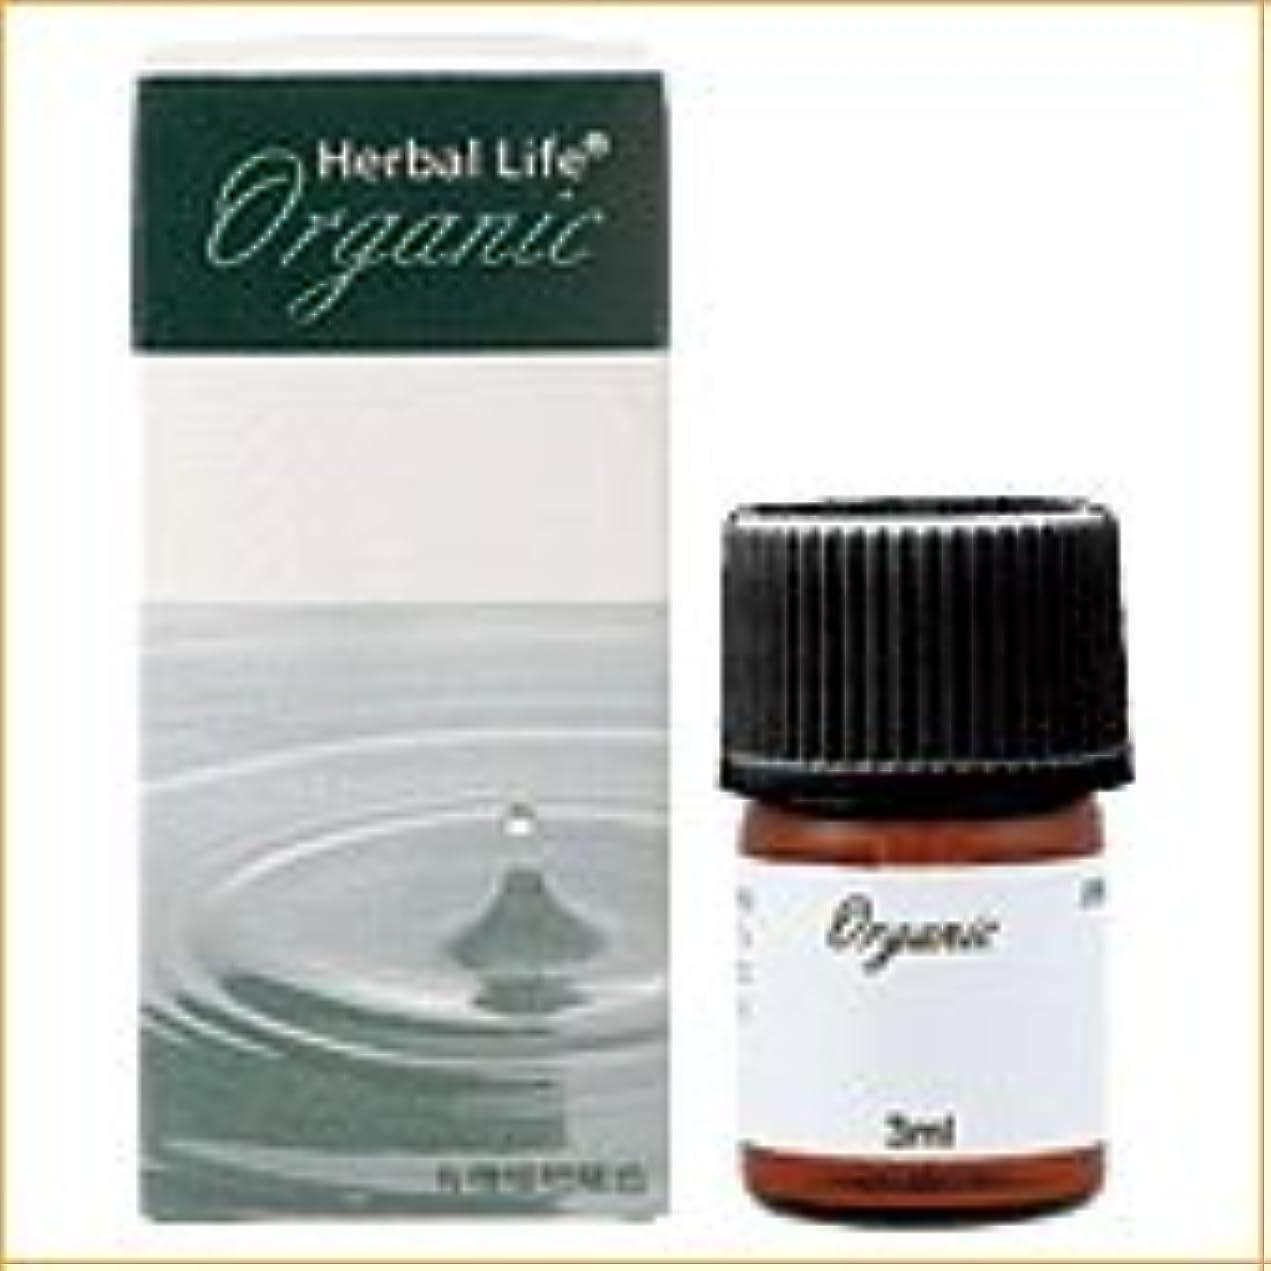 ロール再編成する行進生活の木 オーガニックエッセンシャルオイル ORG ジュニパー 精油 3ml (Tree of Life Organic Essential Oil/オーガニック エッセンシャルオイル)